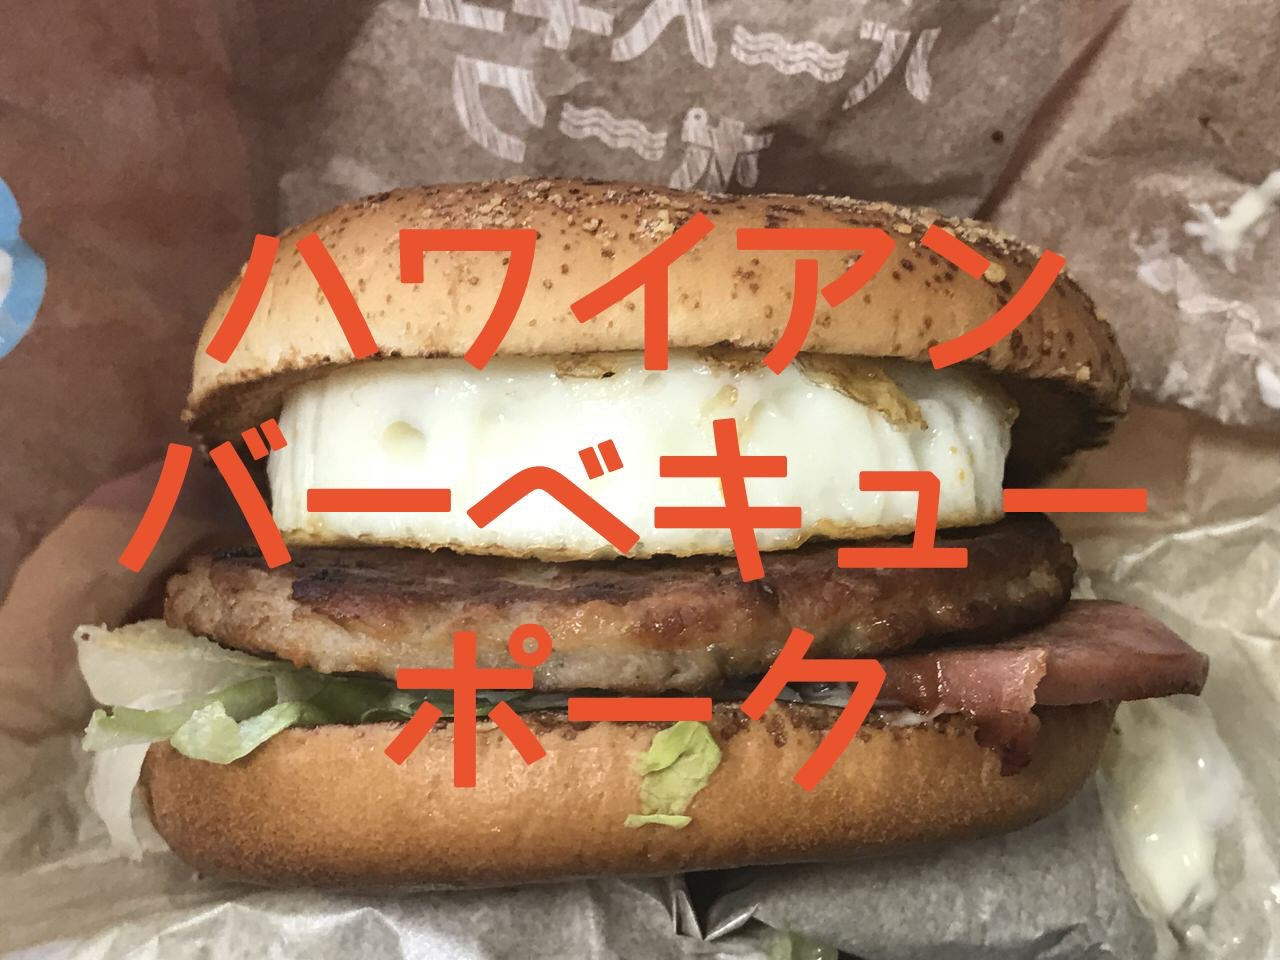 【マクドナルド】フルーティーなソースが旨い「ハワイアンバーベキューポーク」